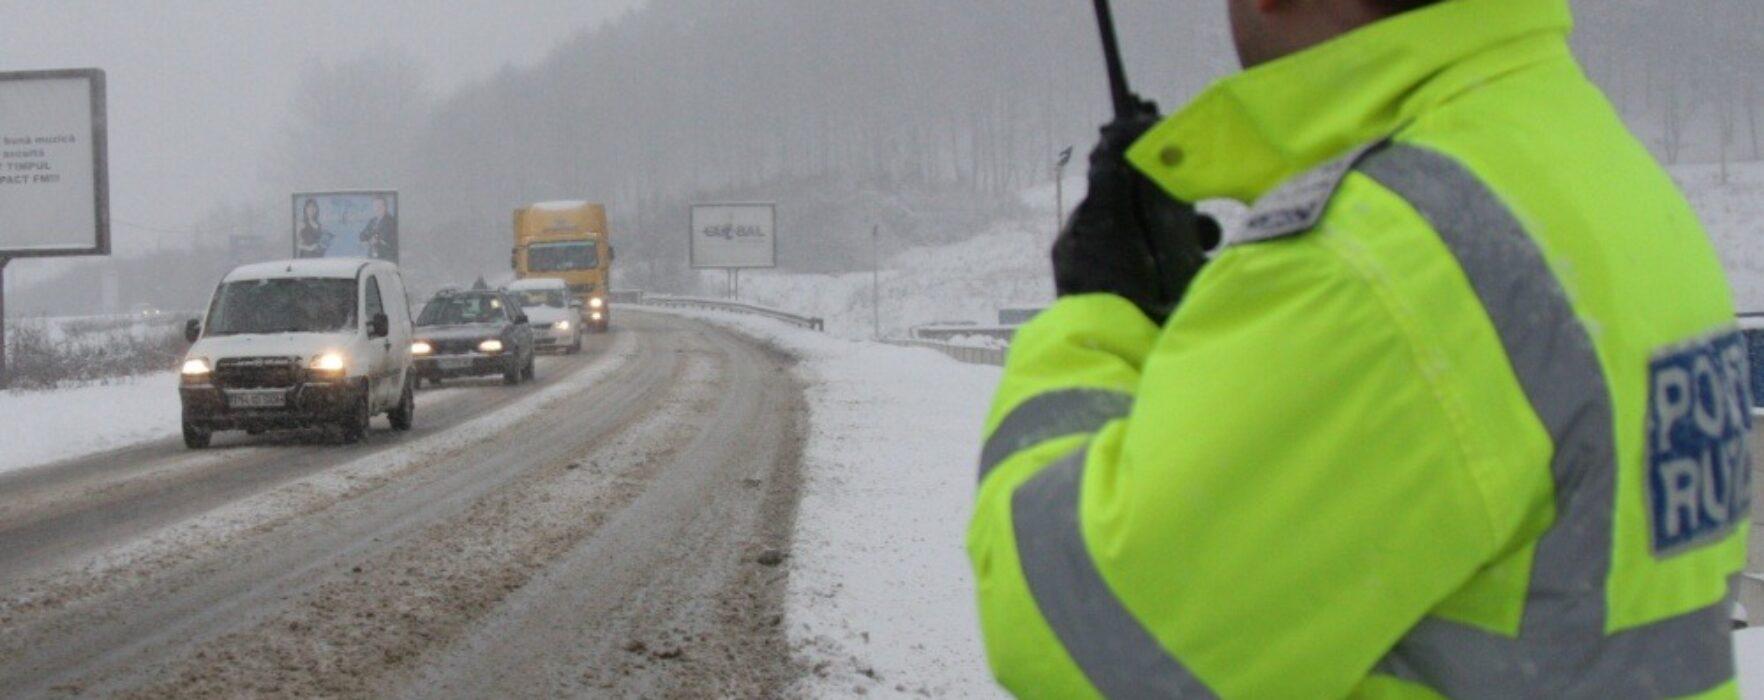 Dâmboviţa: Mai multe accidente s-au produs în judeţ din cauza poleiului şi zăpezii de pe carosabil